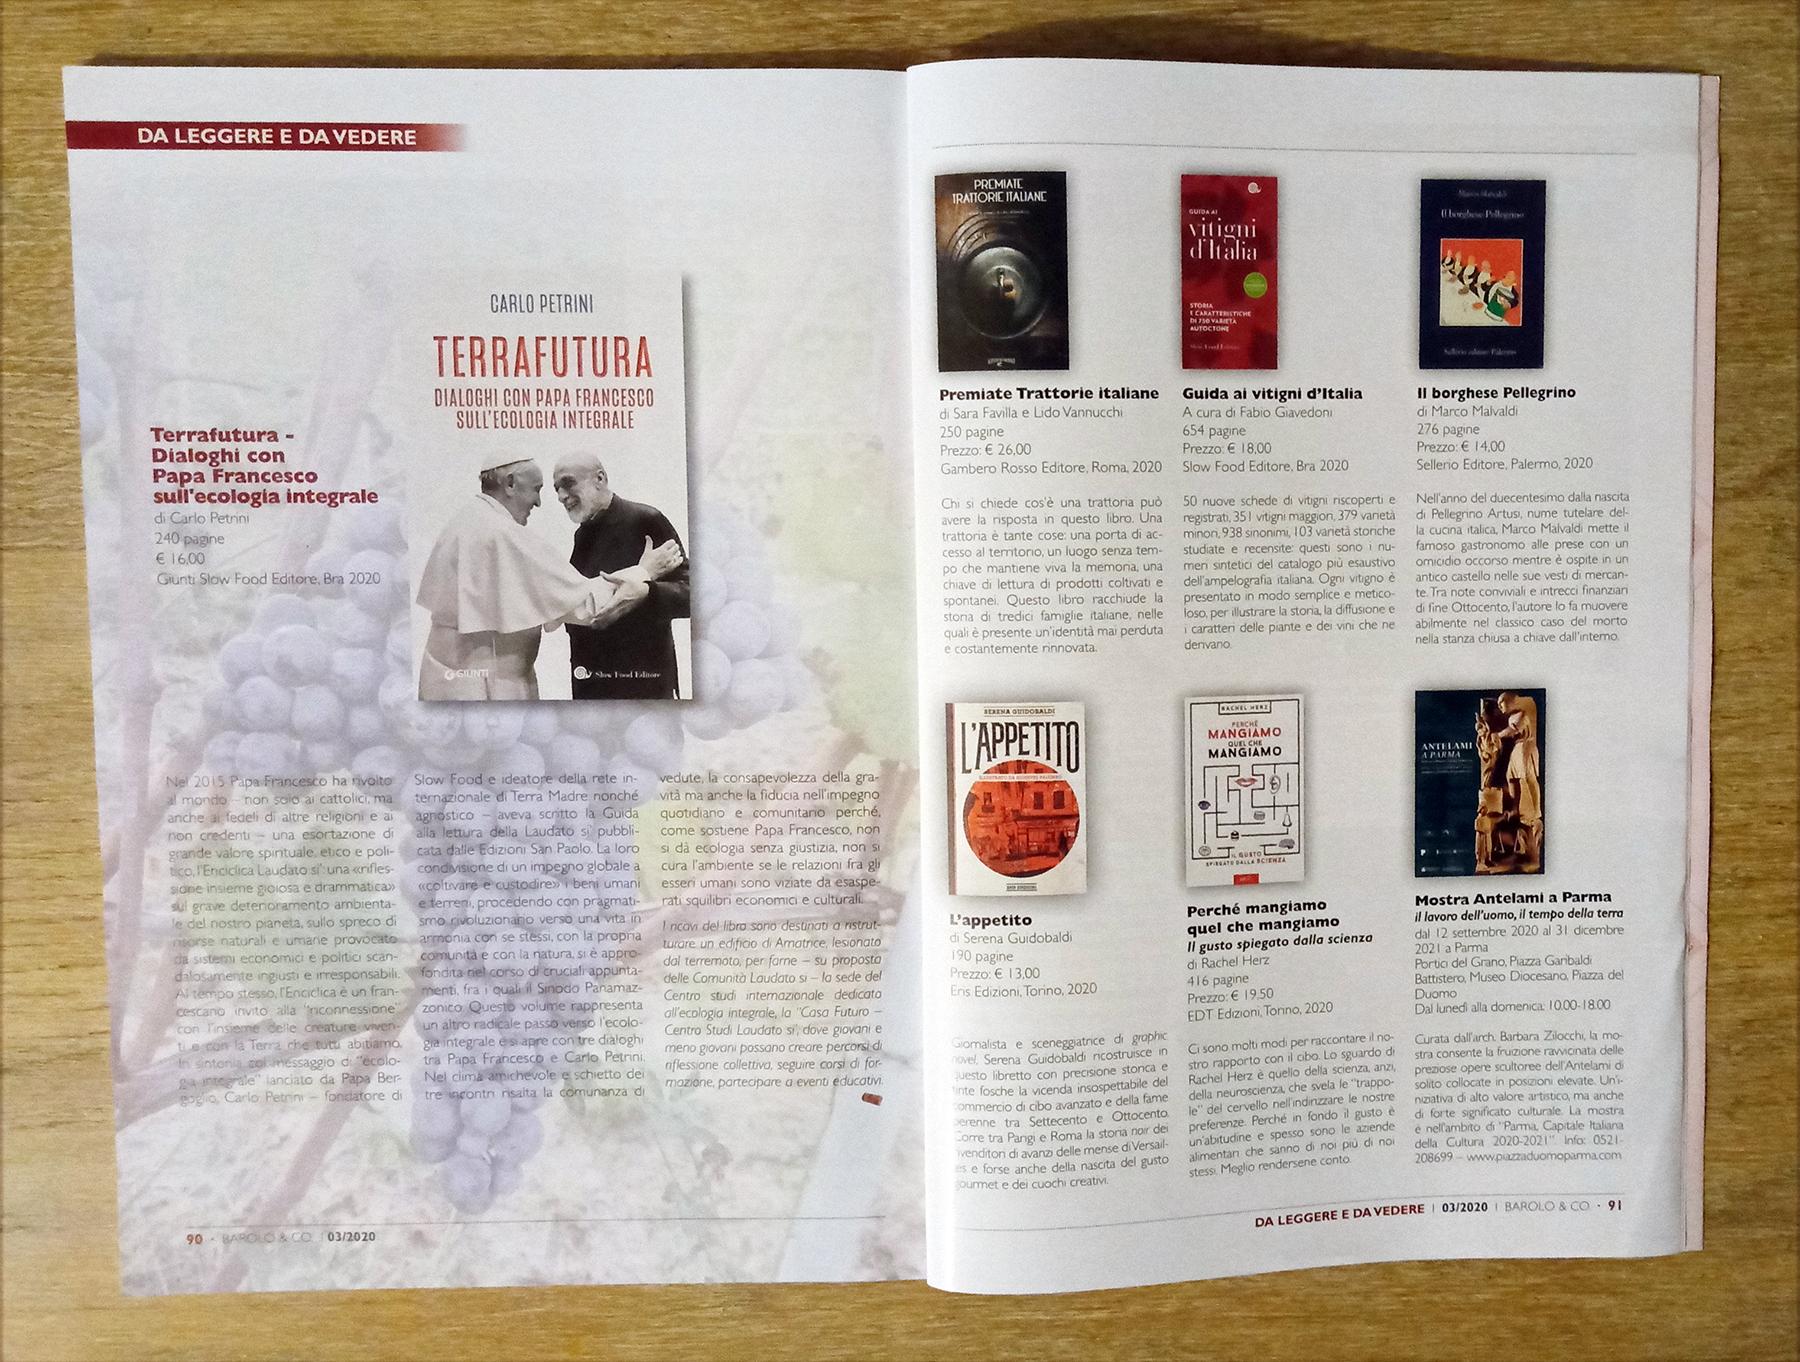 Barolo, Premiate Trattorie Italiane, Piemonte, Italy, Libro